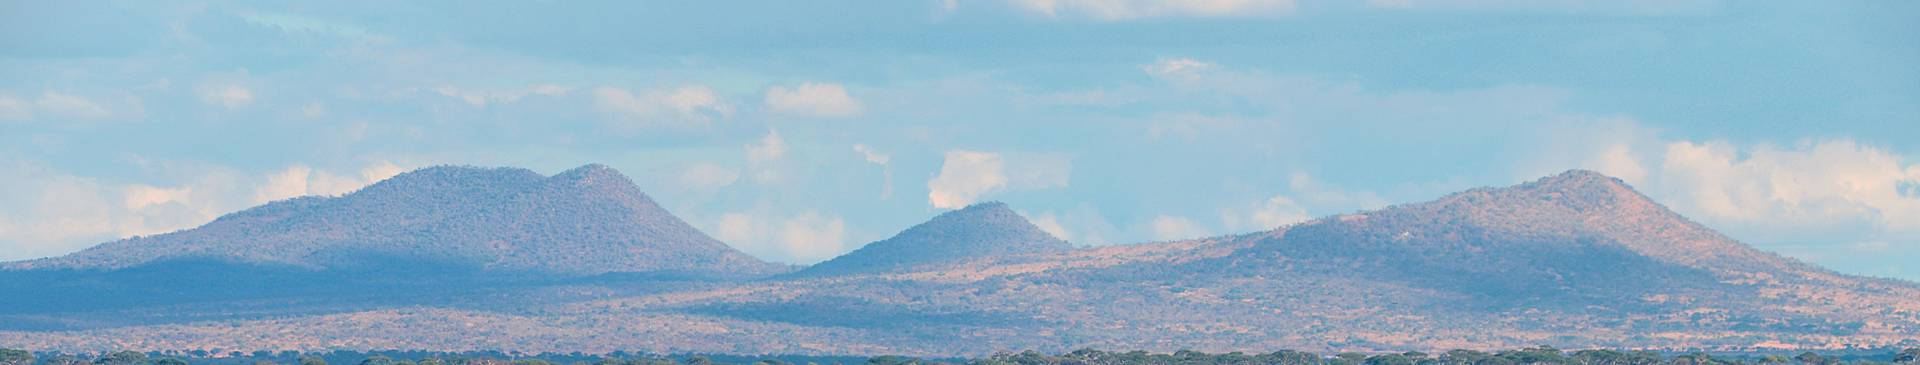 Naturreisen Tansania